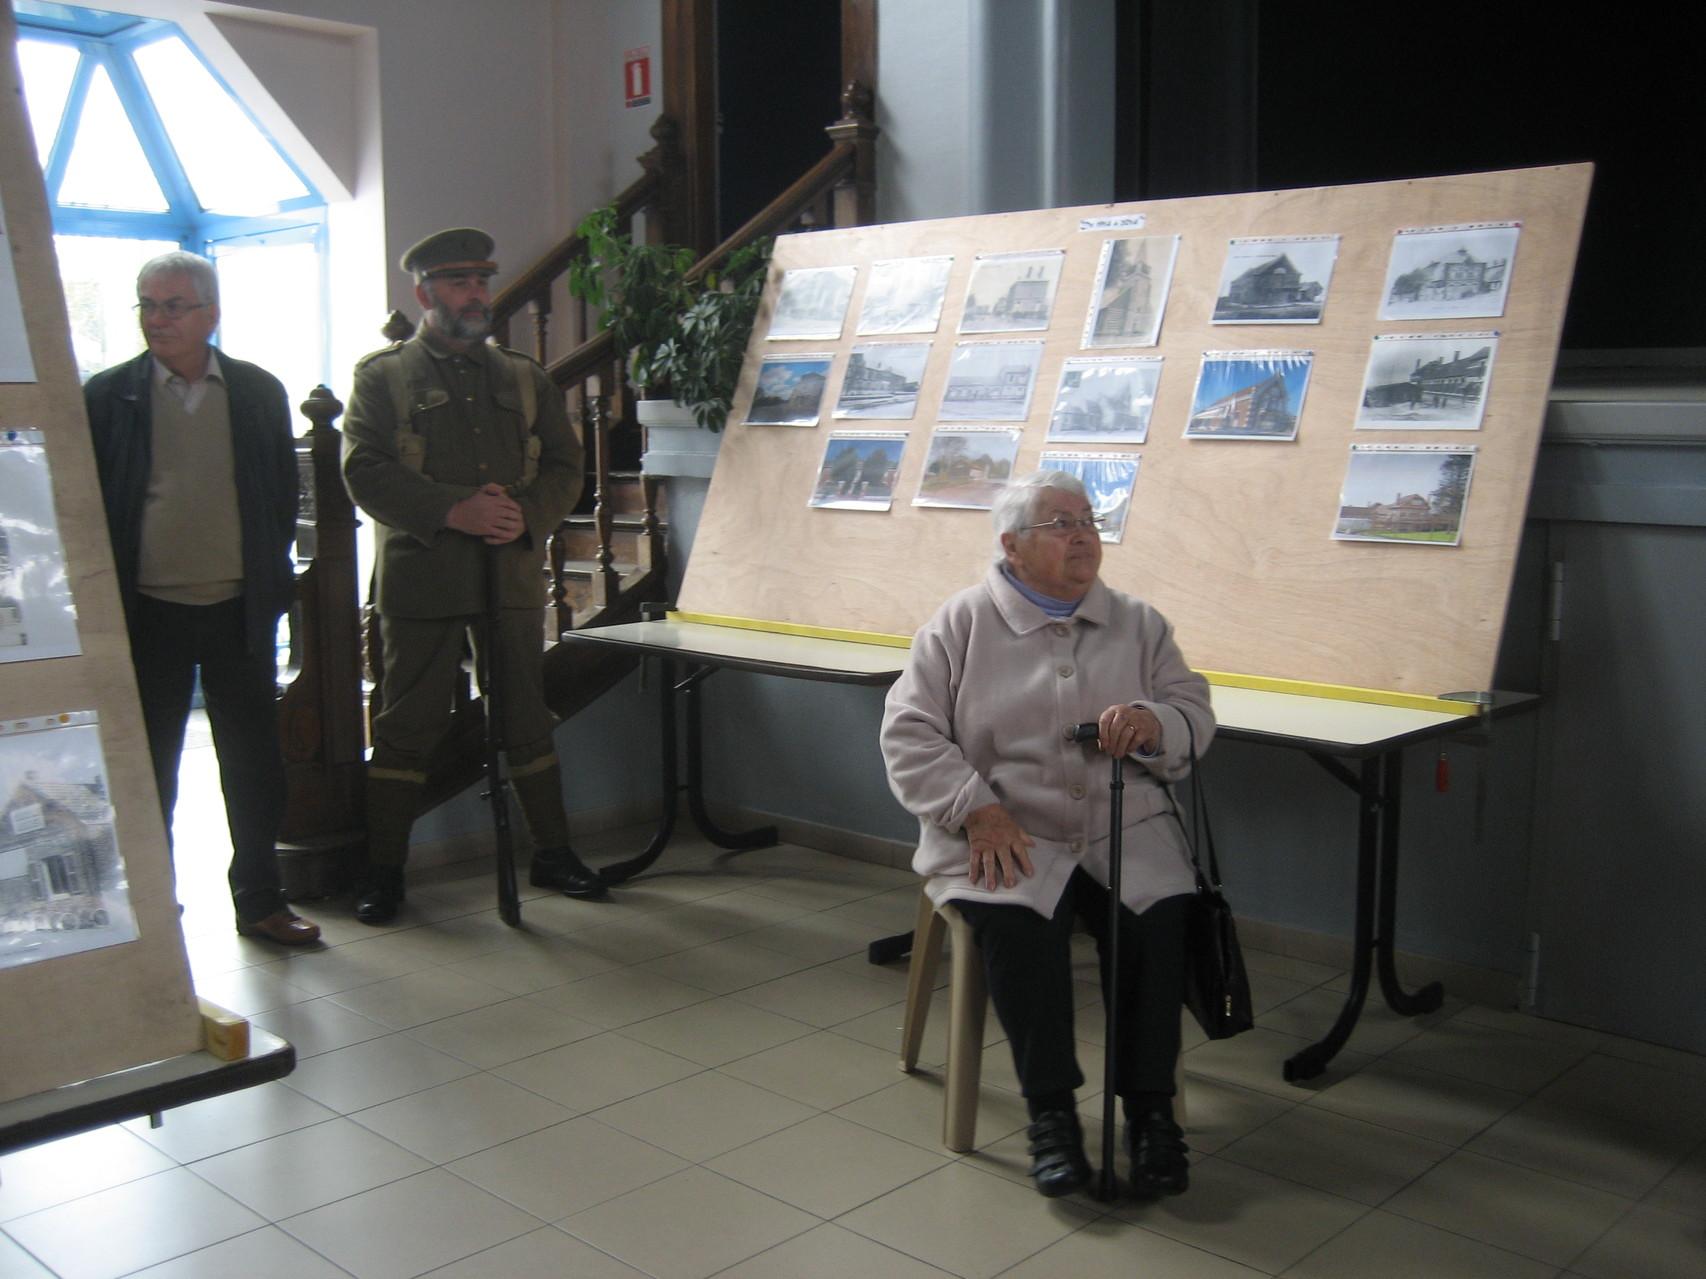 Madame Saunier pendant les discours. Au fond Olivier a revêtu l'uniforme d'un soldat canadien d'époque.